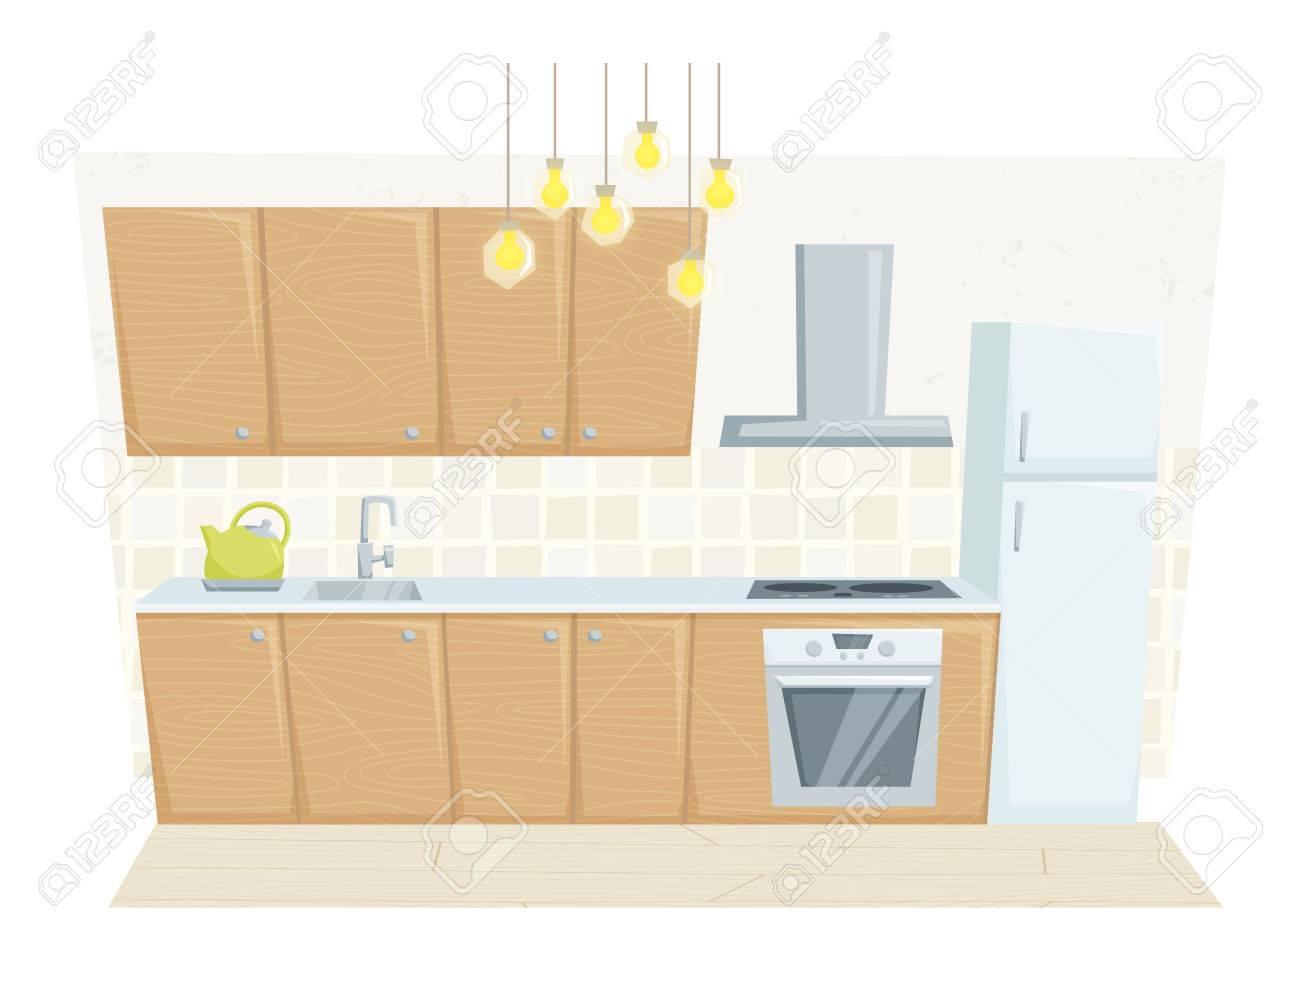 Entre cocina con muebles y la decoración en estilo moderno. Cocina  ilustración vectorial de dibujos animados entre otras. Muebles de cocina:  ...